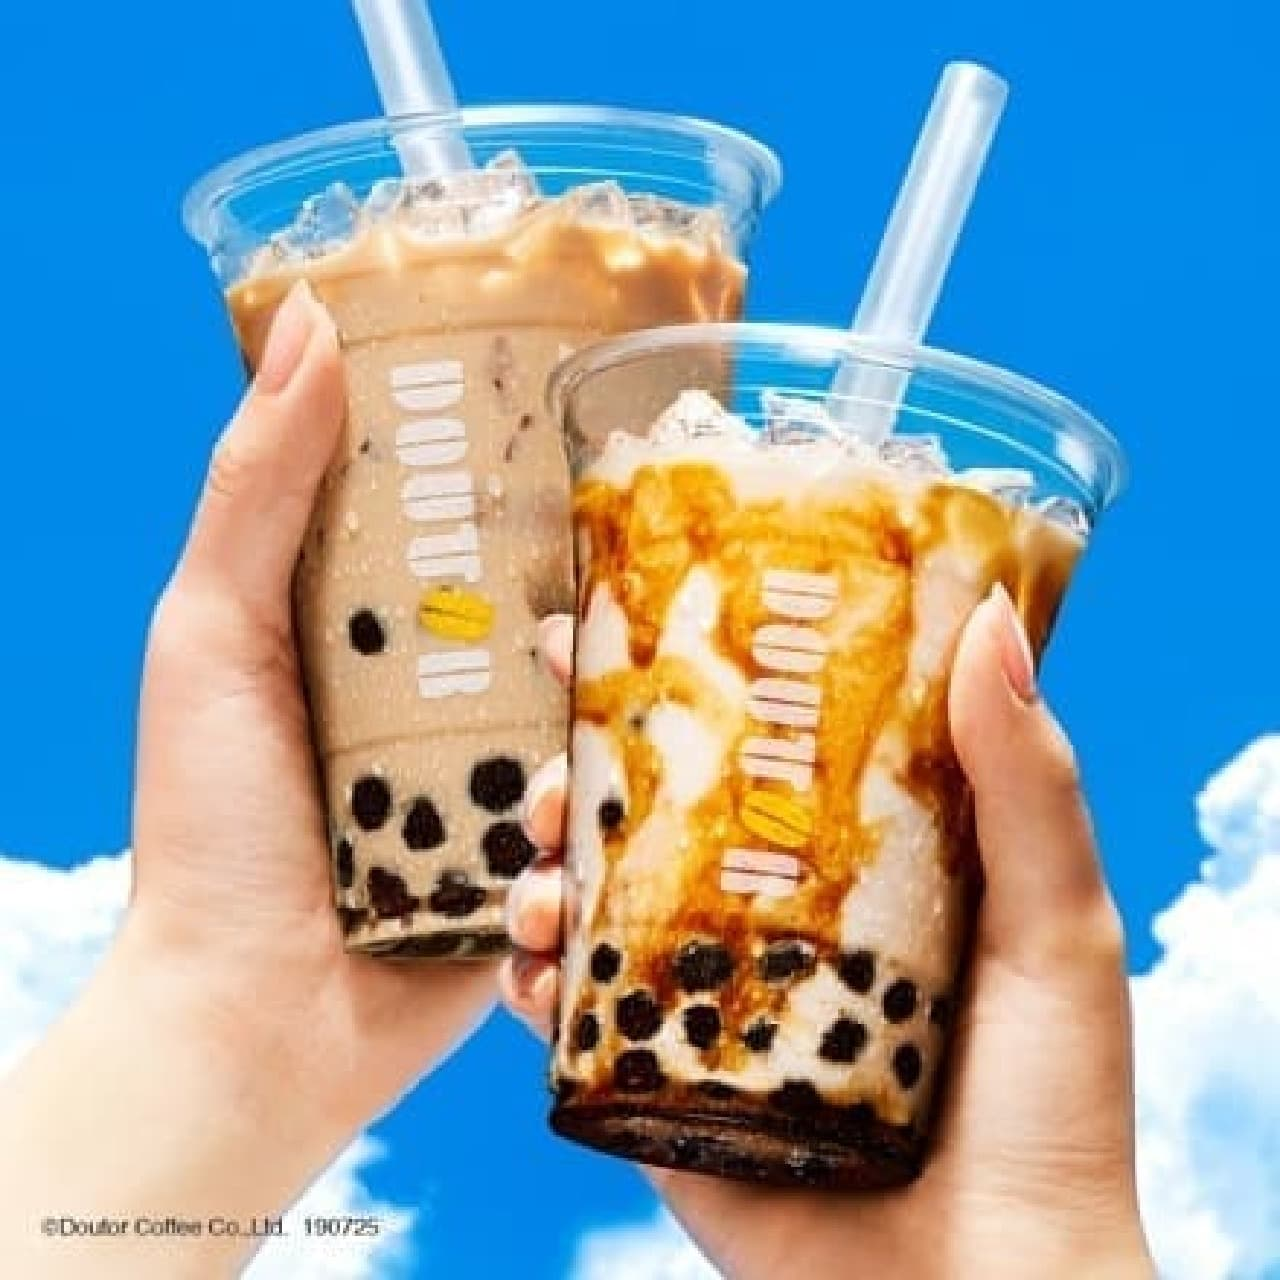 ドトールコーヒーショップ「タピオカ ~黒糖ミルク~」と「タピオカ ~ロイヤルミルクティー~」